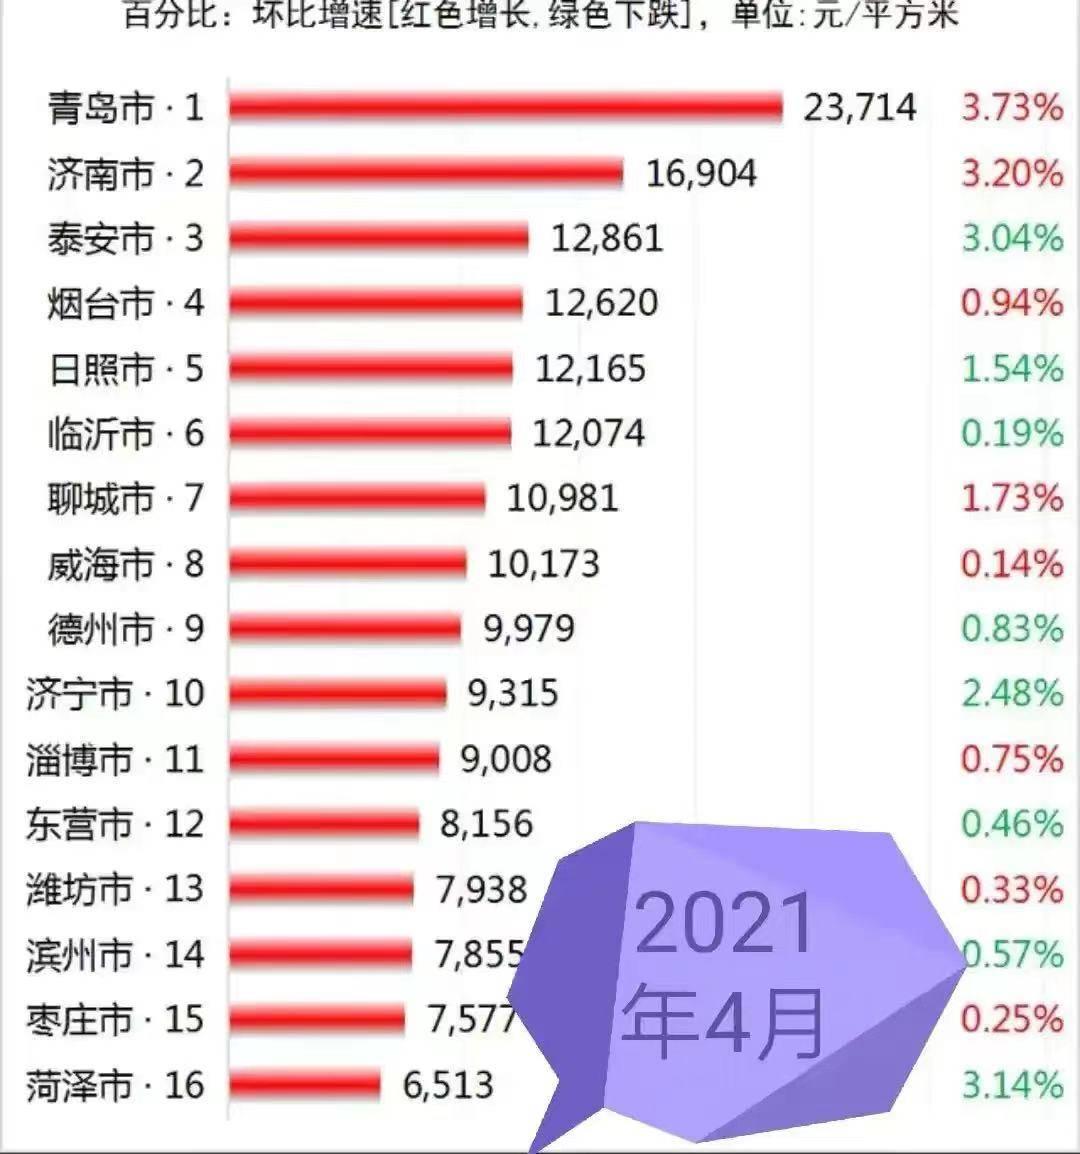 2021年山东16市GDP排名_如皋排名第16位 2021年GDP百强县排行榜出炉